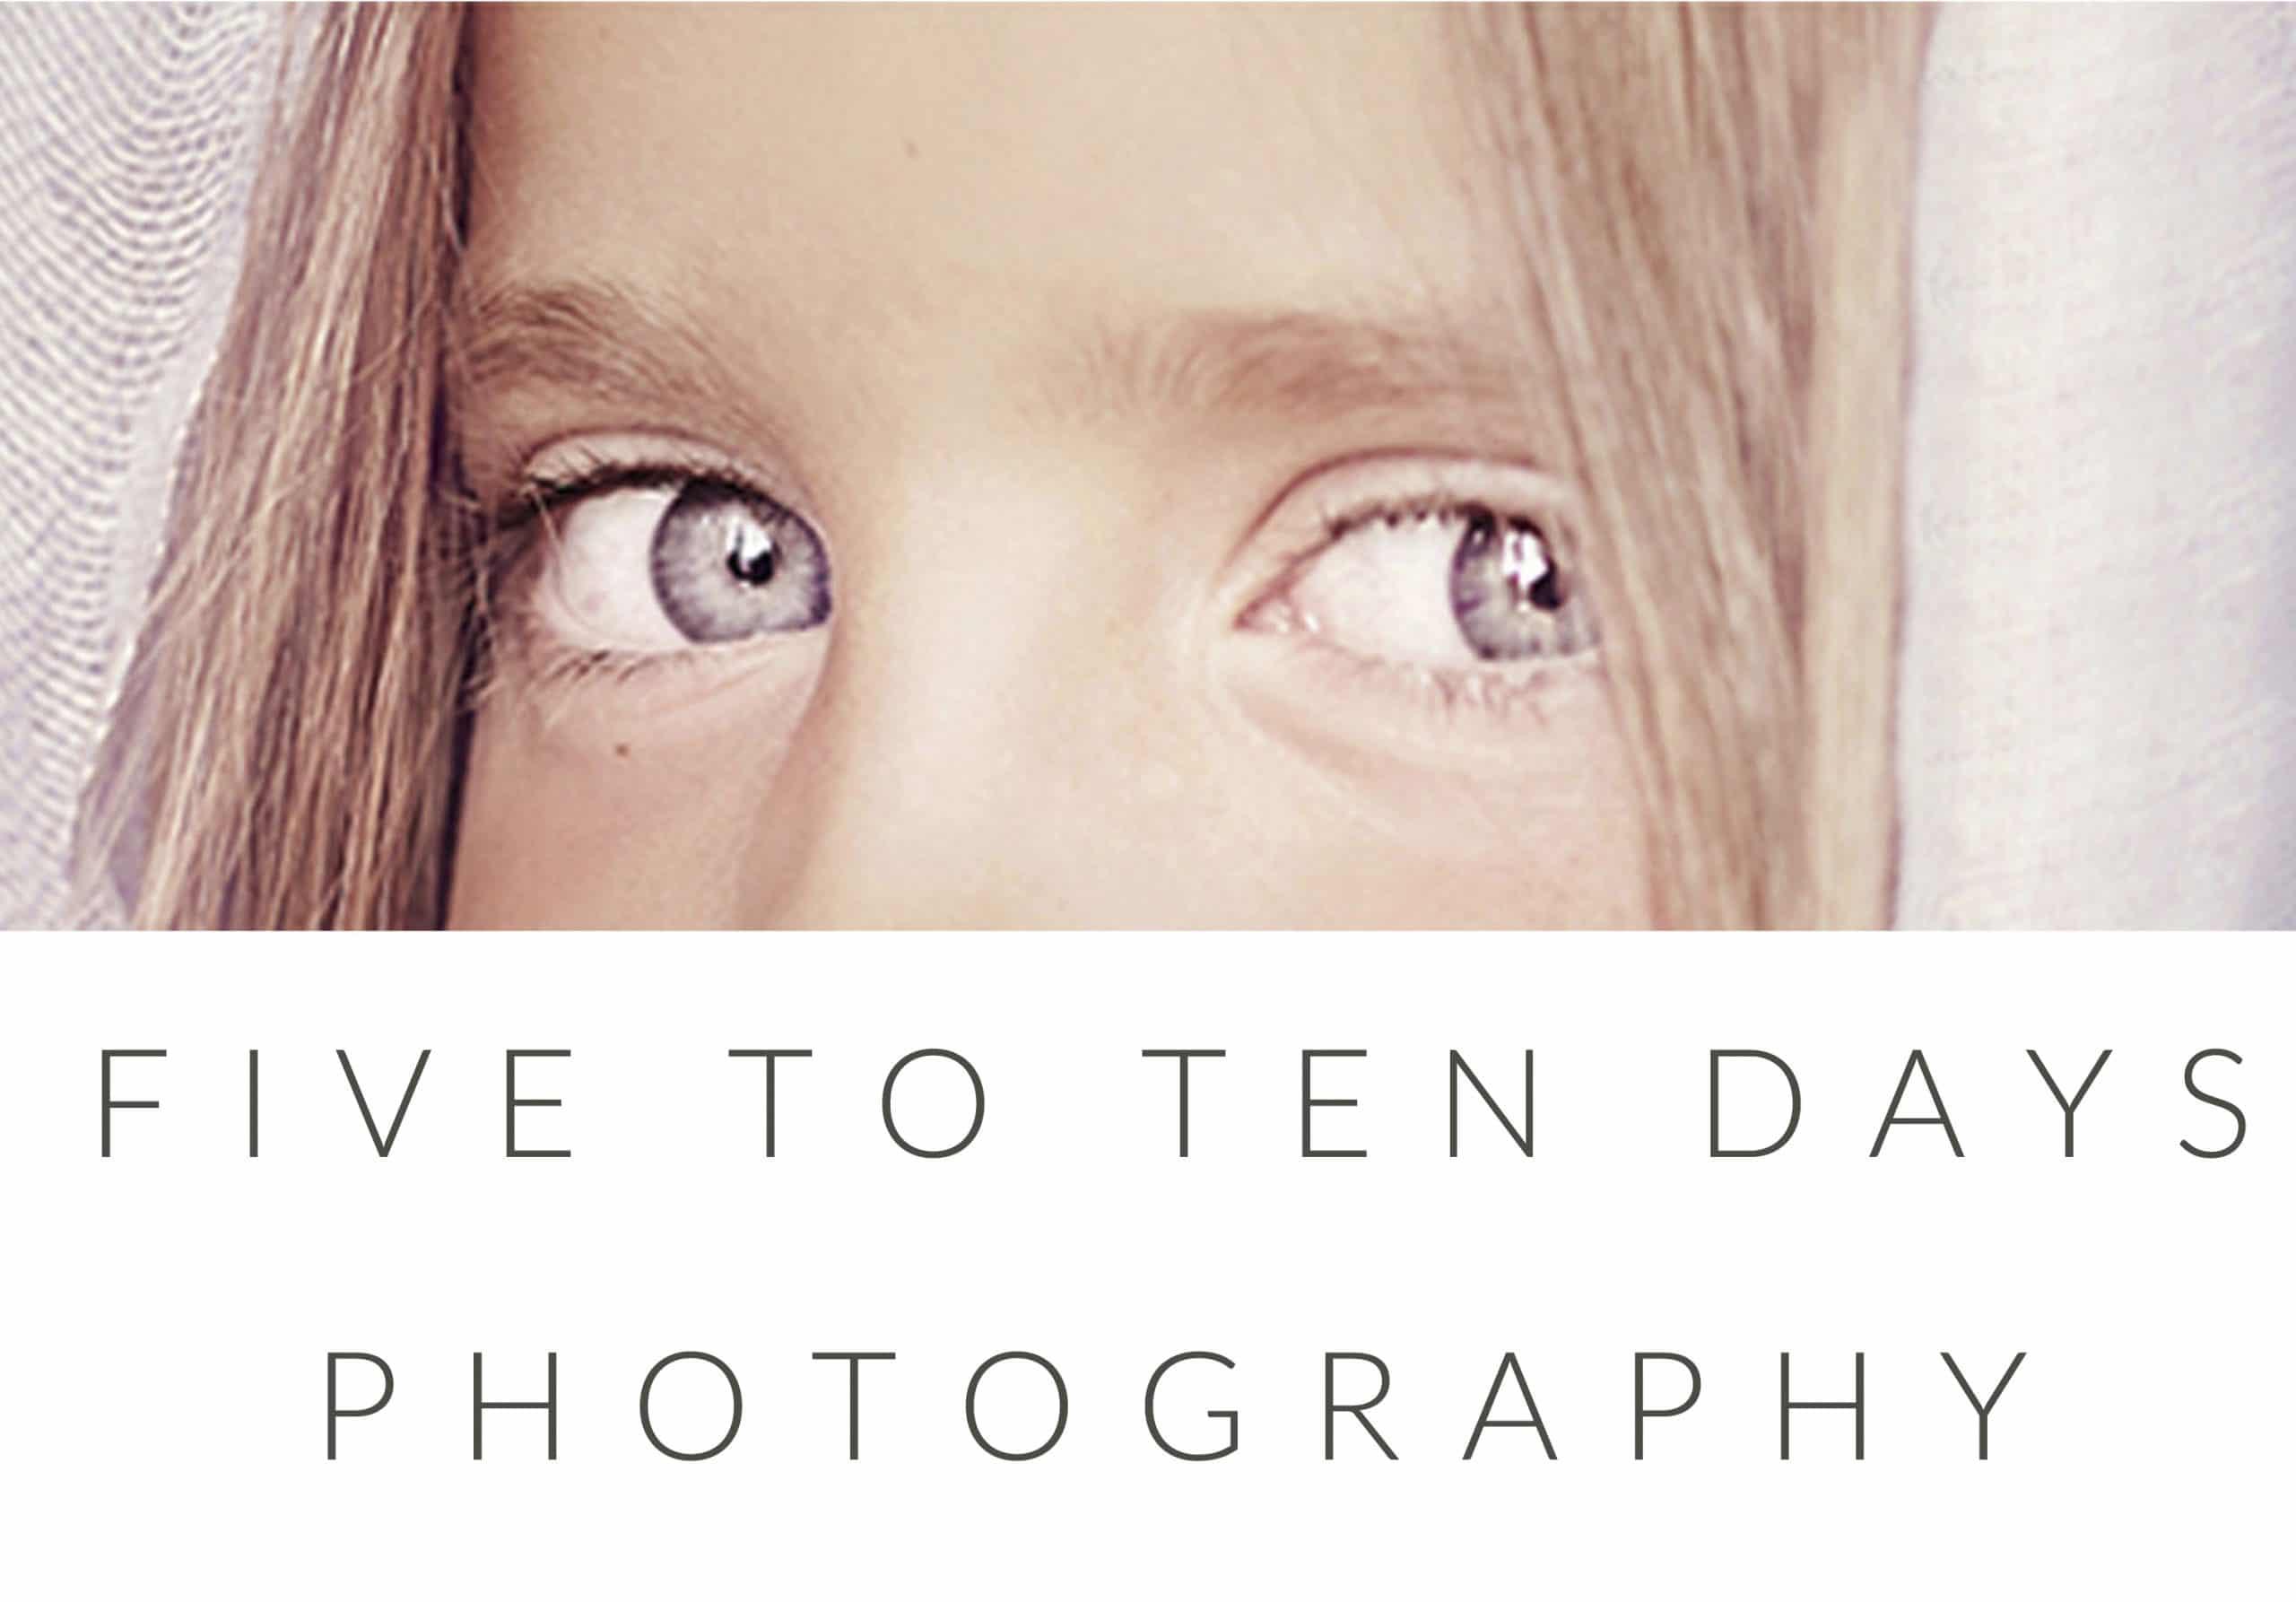 fotografía con diseño